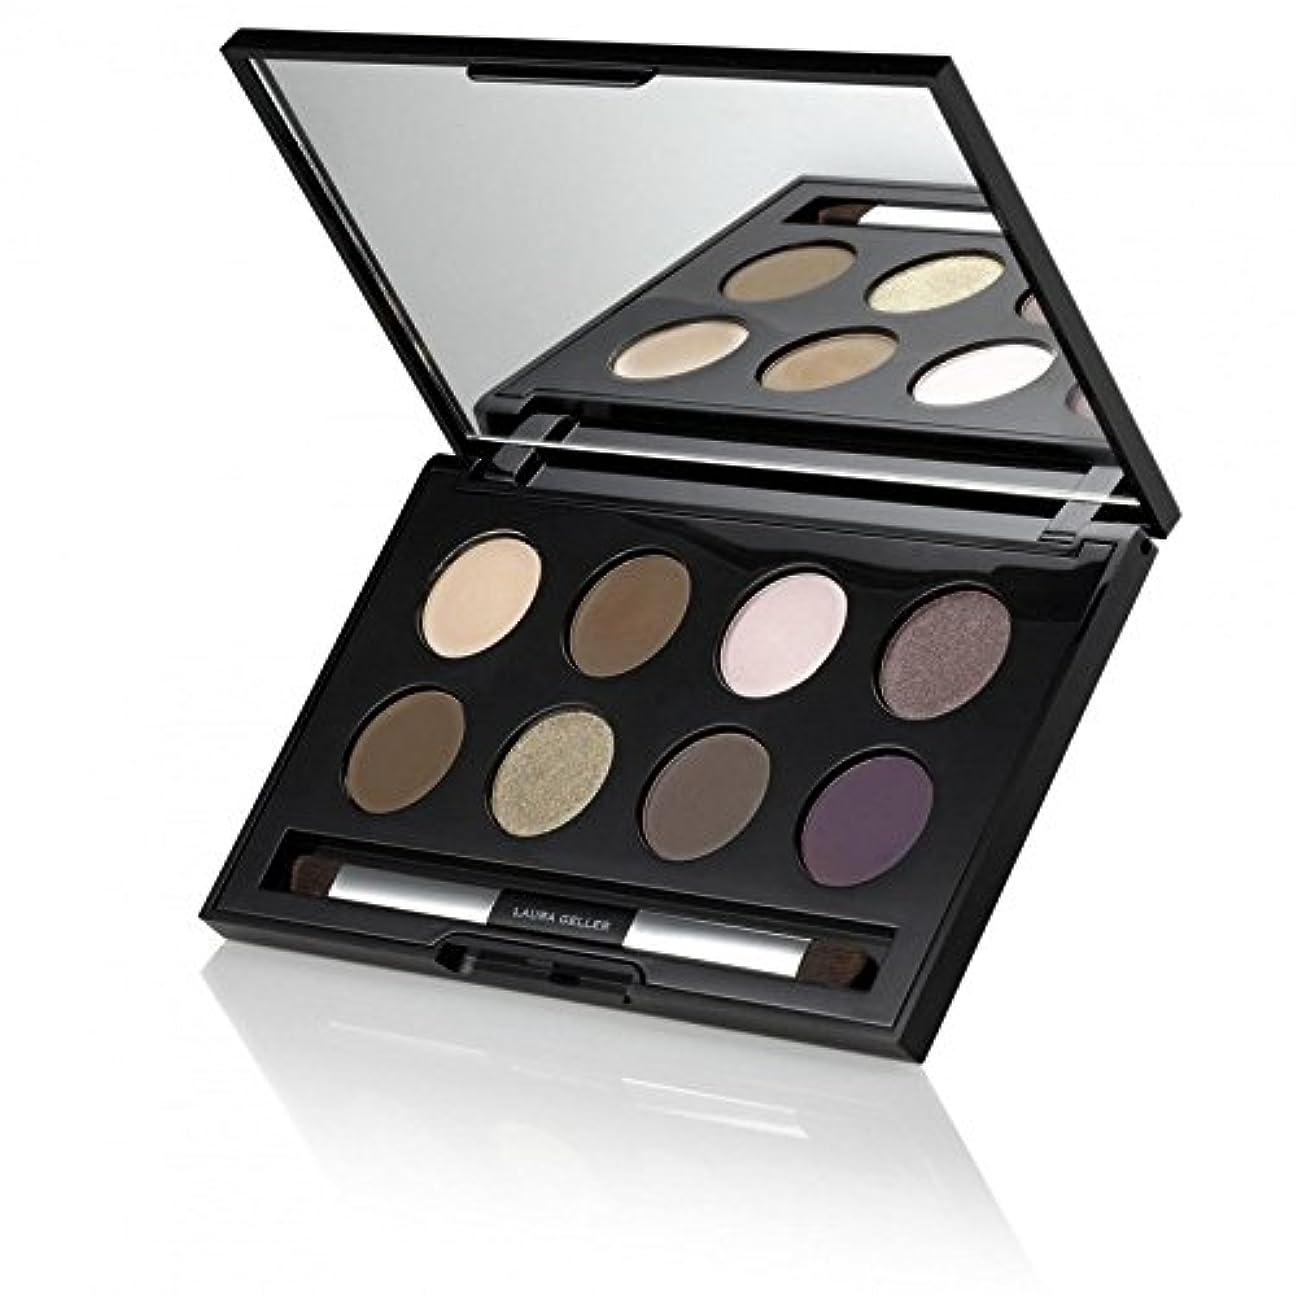 セラフミトンプレミアムLaura Geller Creme Glaze Baked Eyeshadow Palette With Double-Ended Brush (Pack of 6) - ローラ?ゲラーは、ダブルエンドブラシで焼いたアイシャドウパレットを釉薬 x6 [並行輸入品]